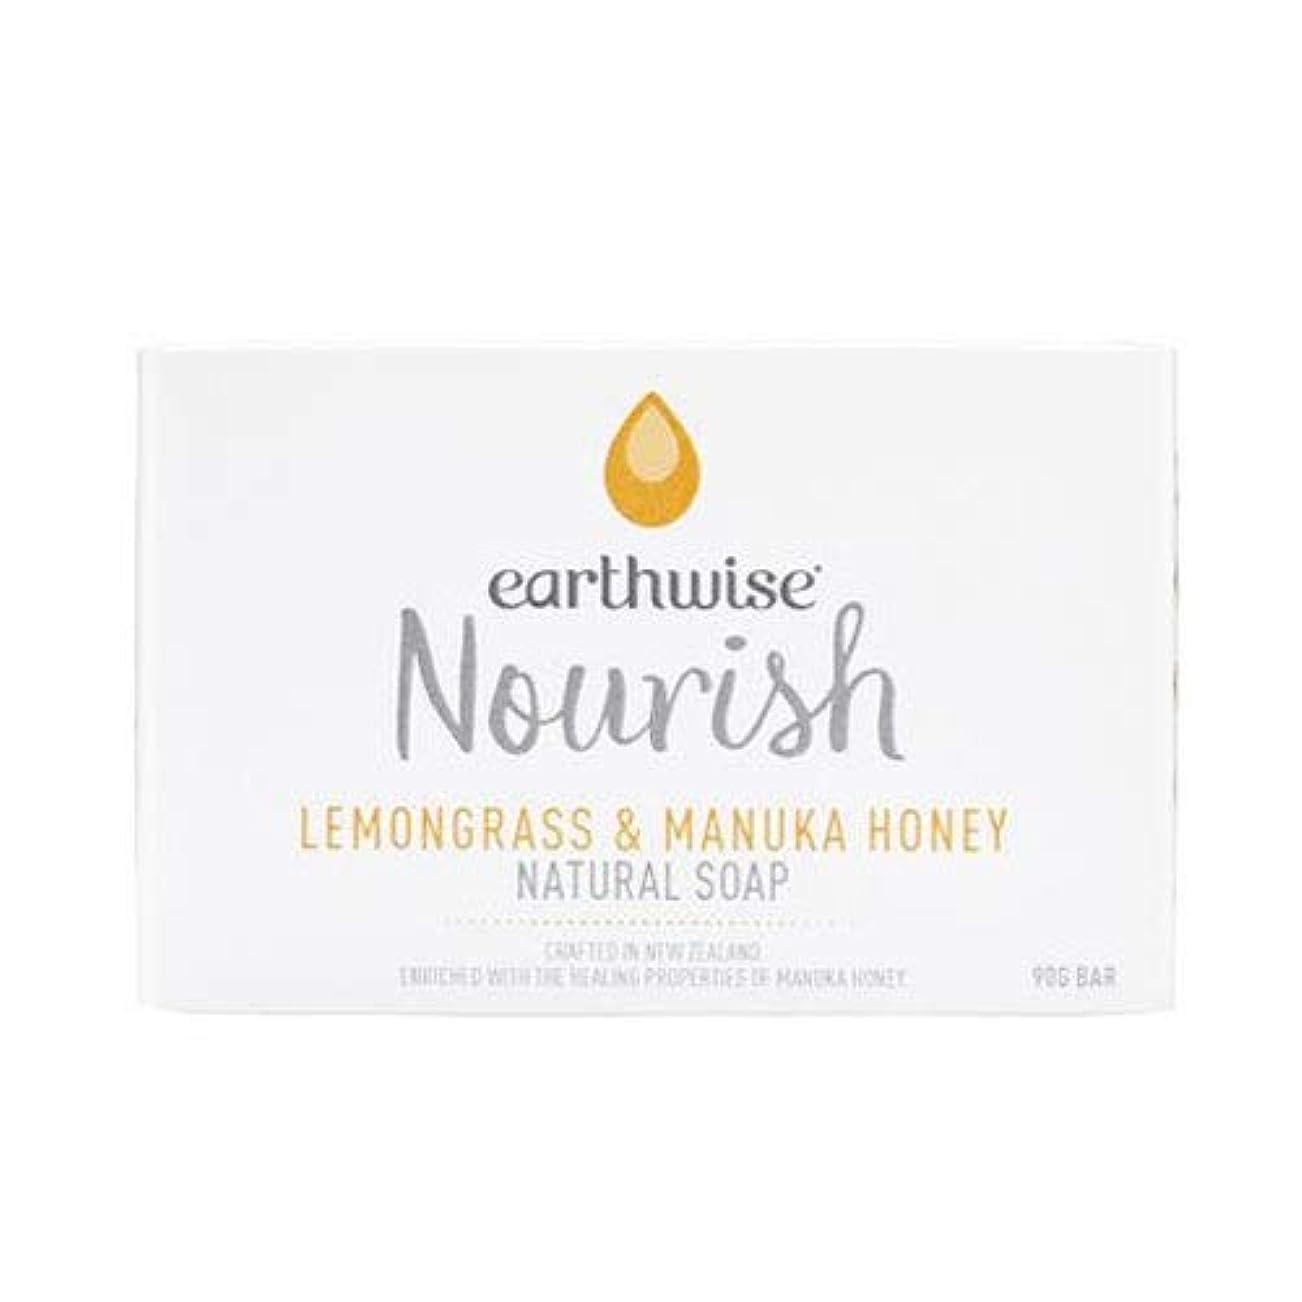 ハグ液化する腫瘍earthwise アースワイズ ナチュラルソープ 石鹸 90g (レモングラス&マヌカハニー)